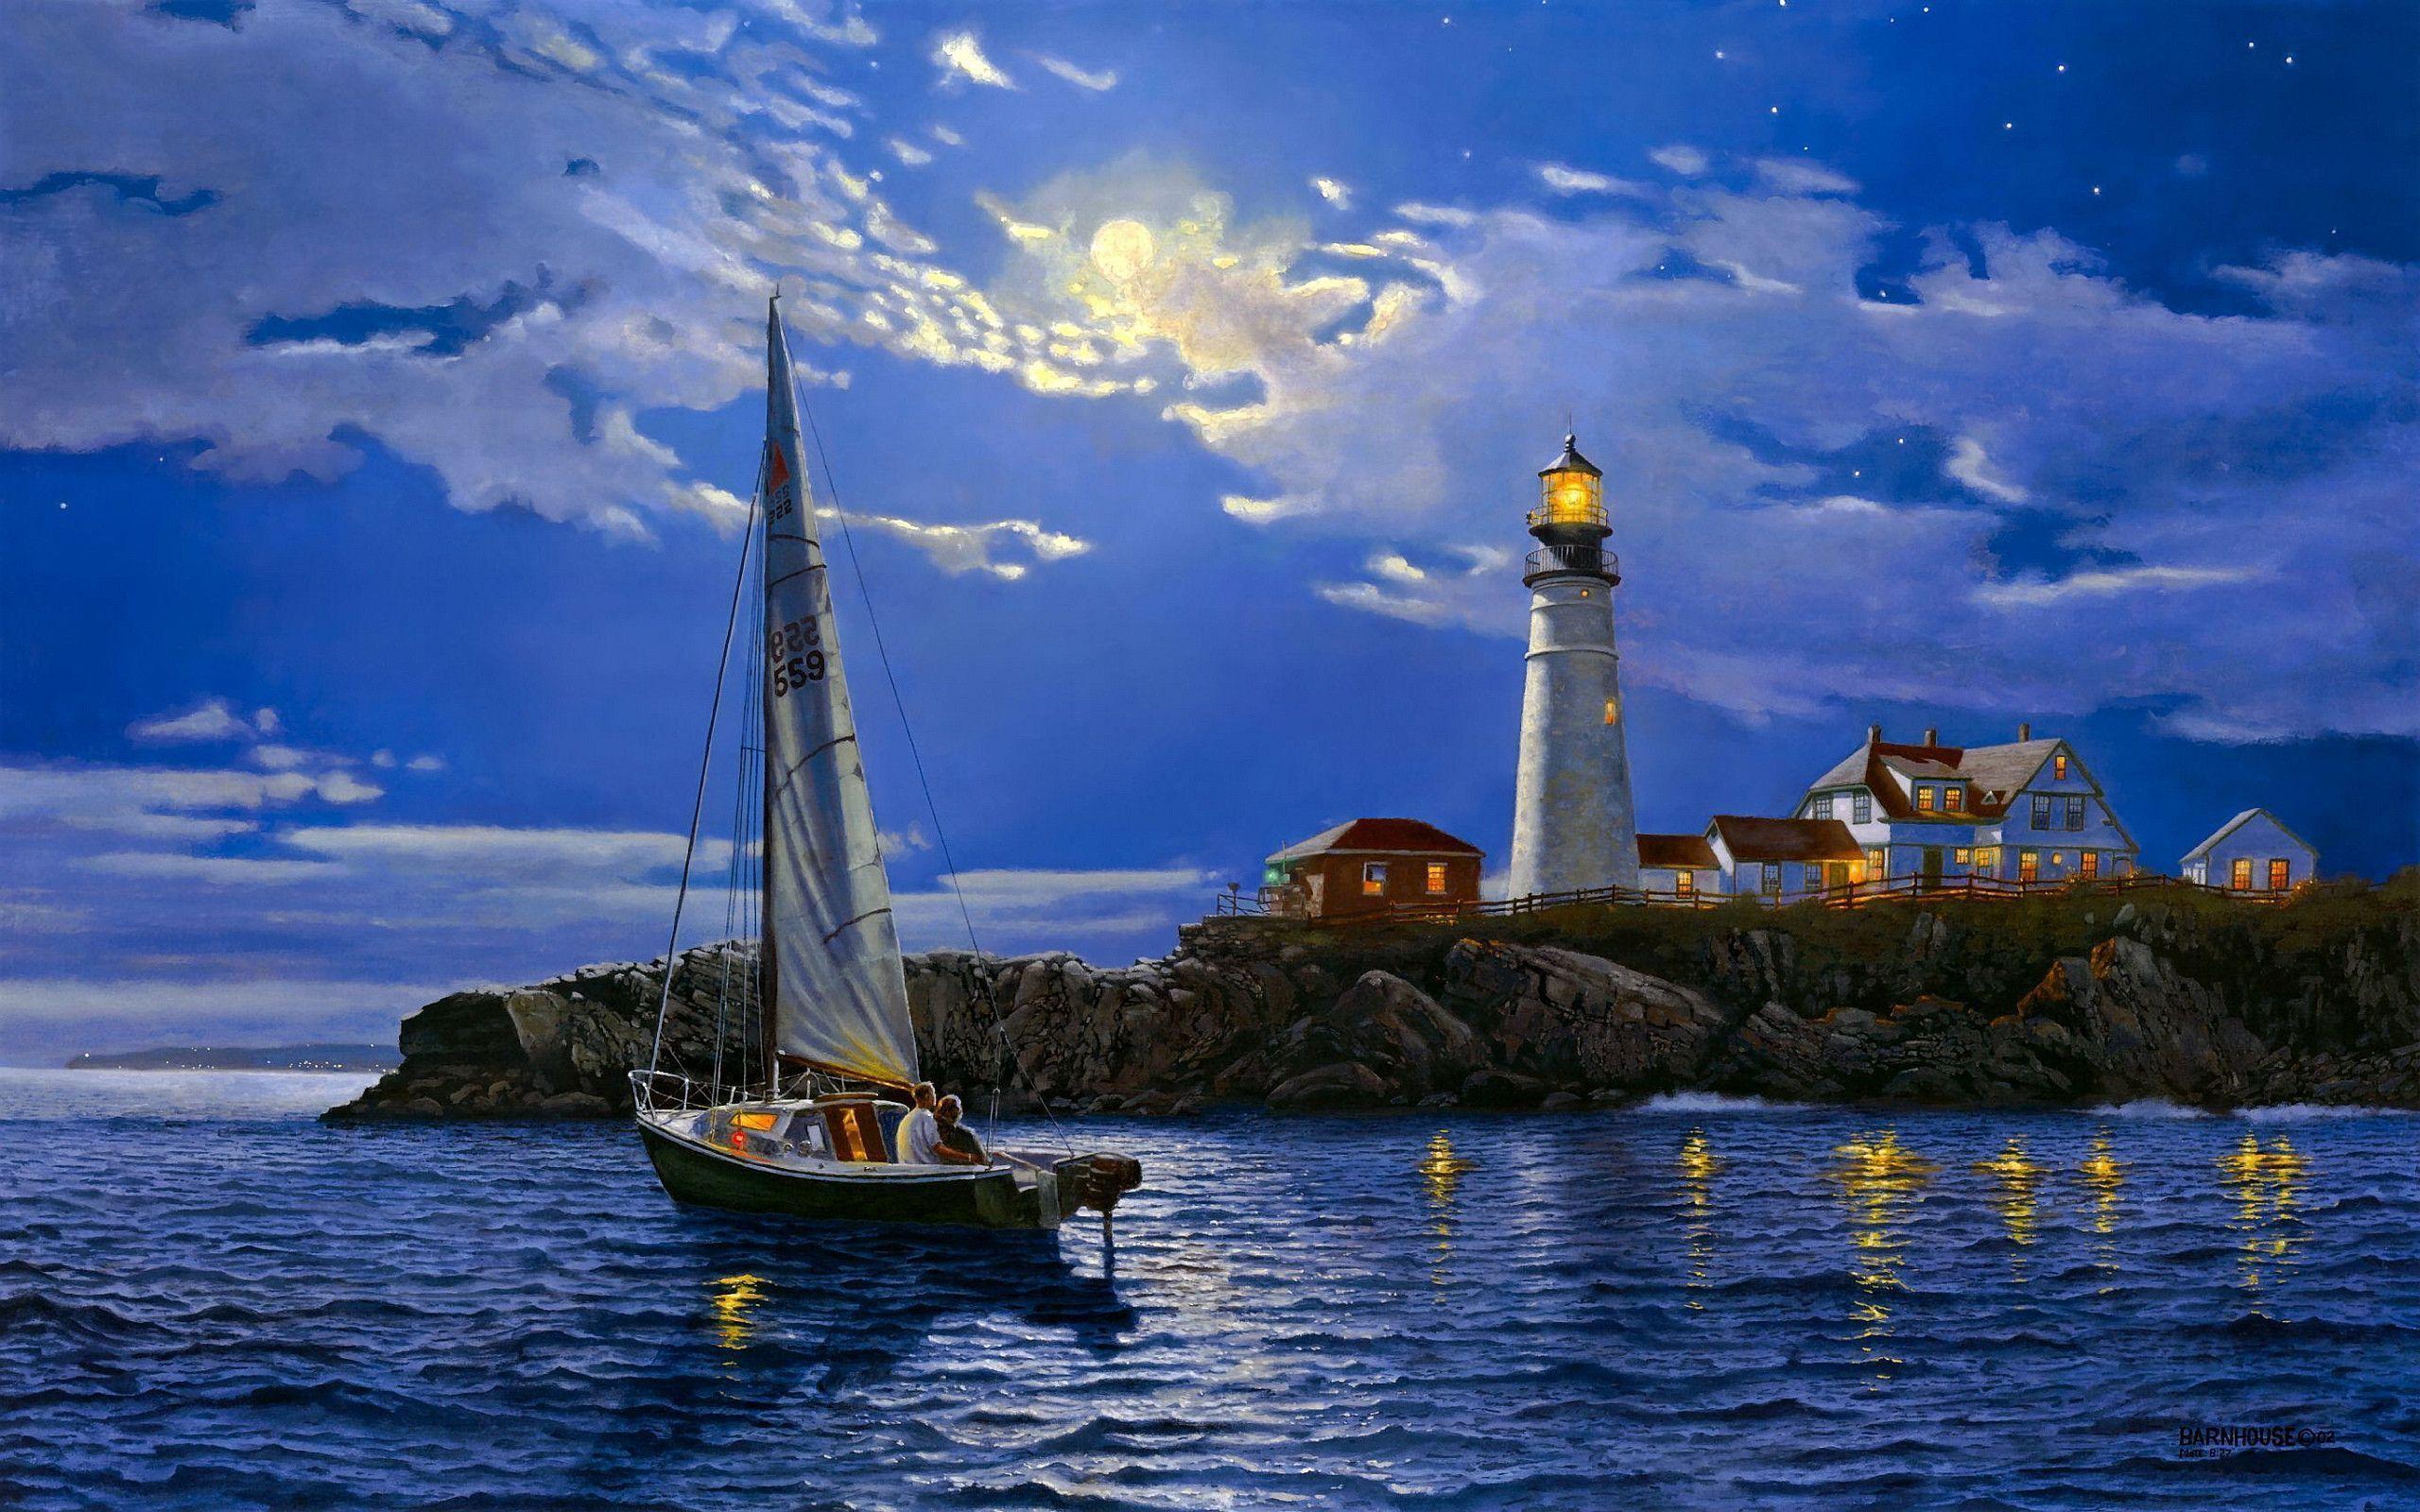 lighthouse desktop wallpaper 7900 - photo #2